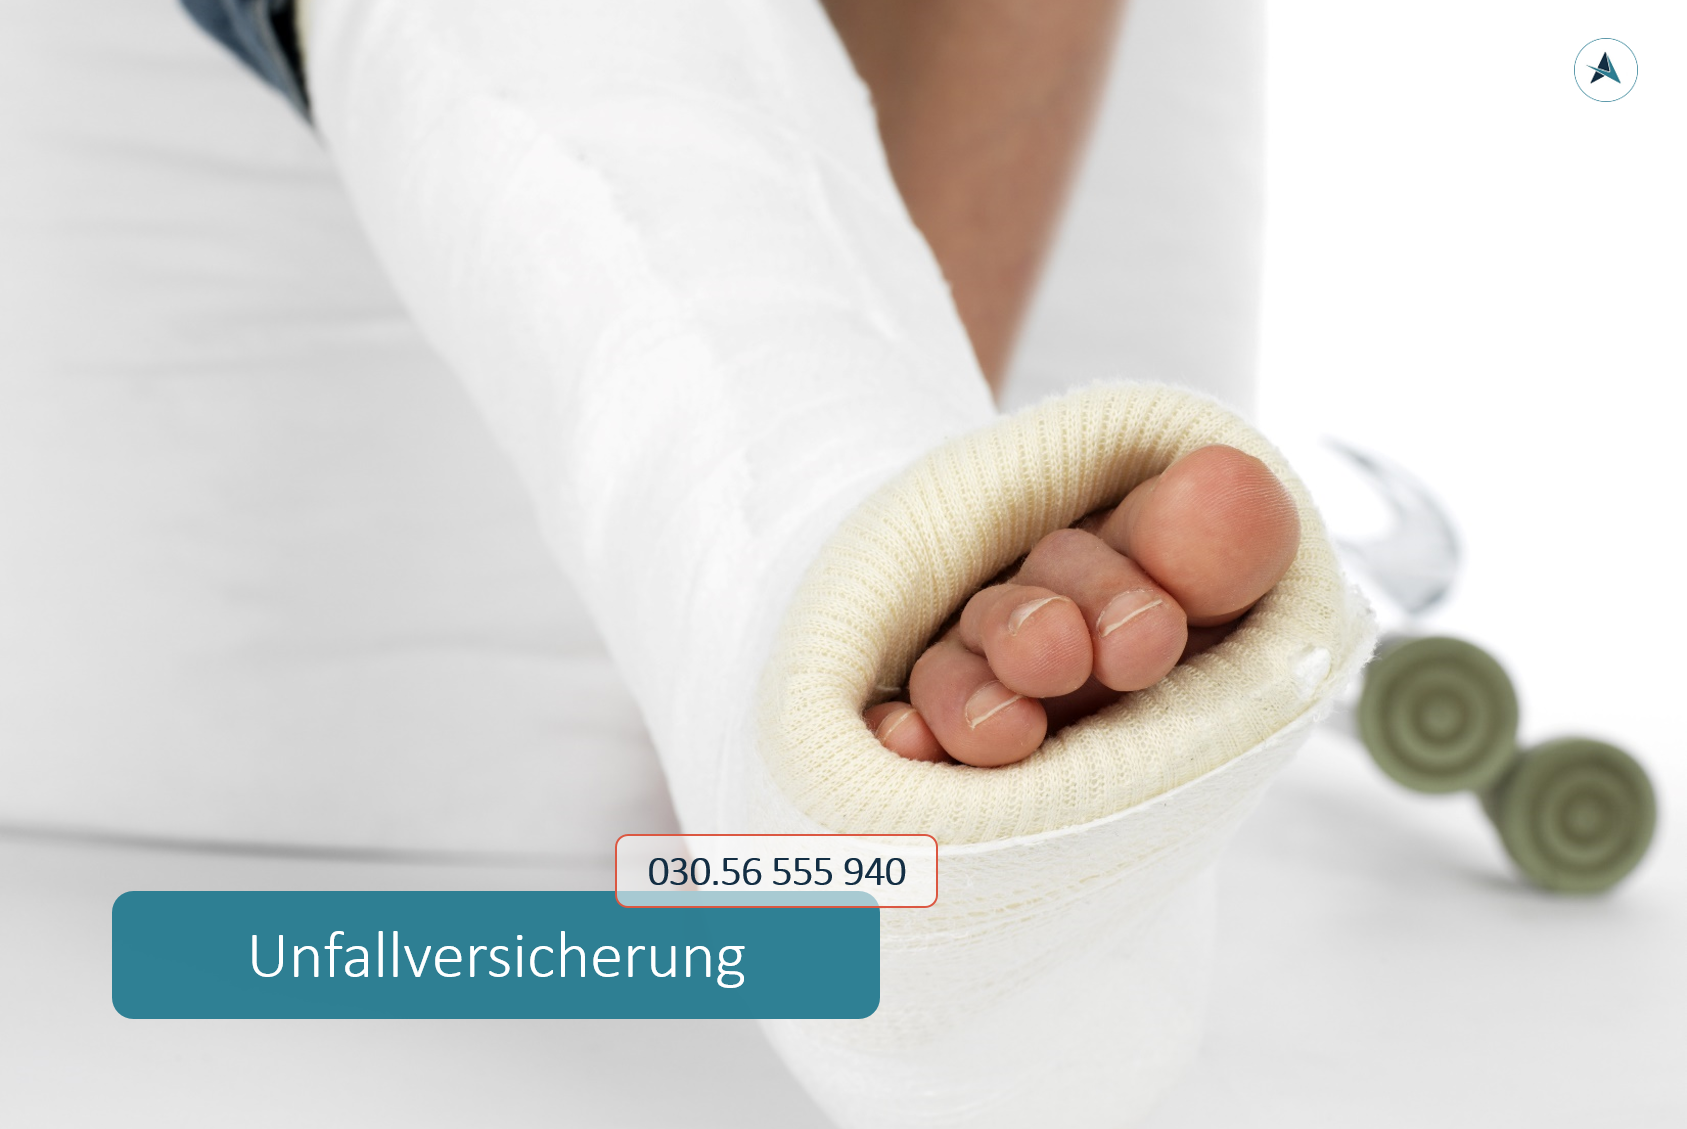 Unfallversicherung-Versicherungsmakler-Berlin-André-Böttcher-private-Unfallversicherung